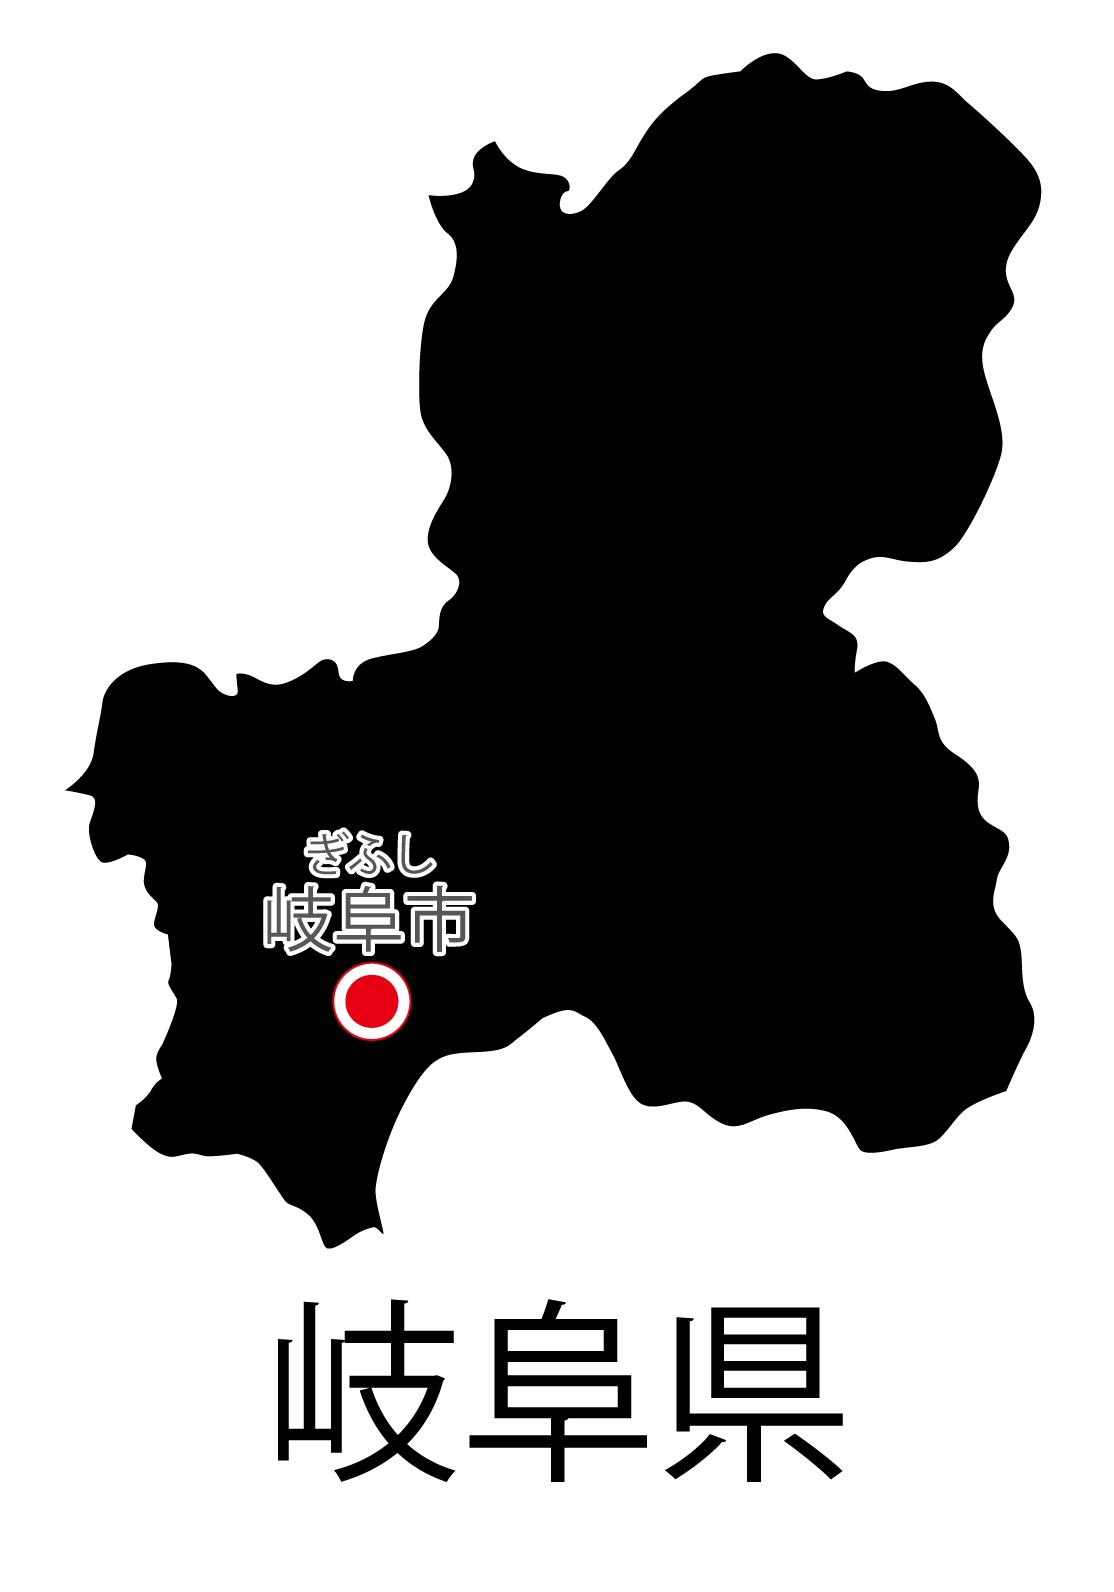 岐阜県無料フリーイラスト|日本語・都道府県名あり・県庁所在地あり・ルビあり(黒)